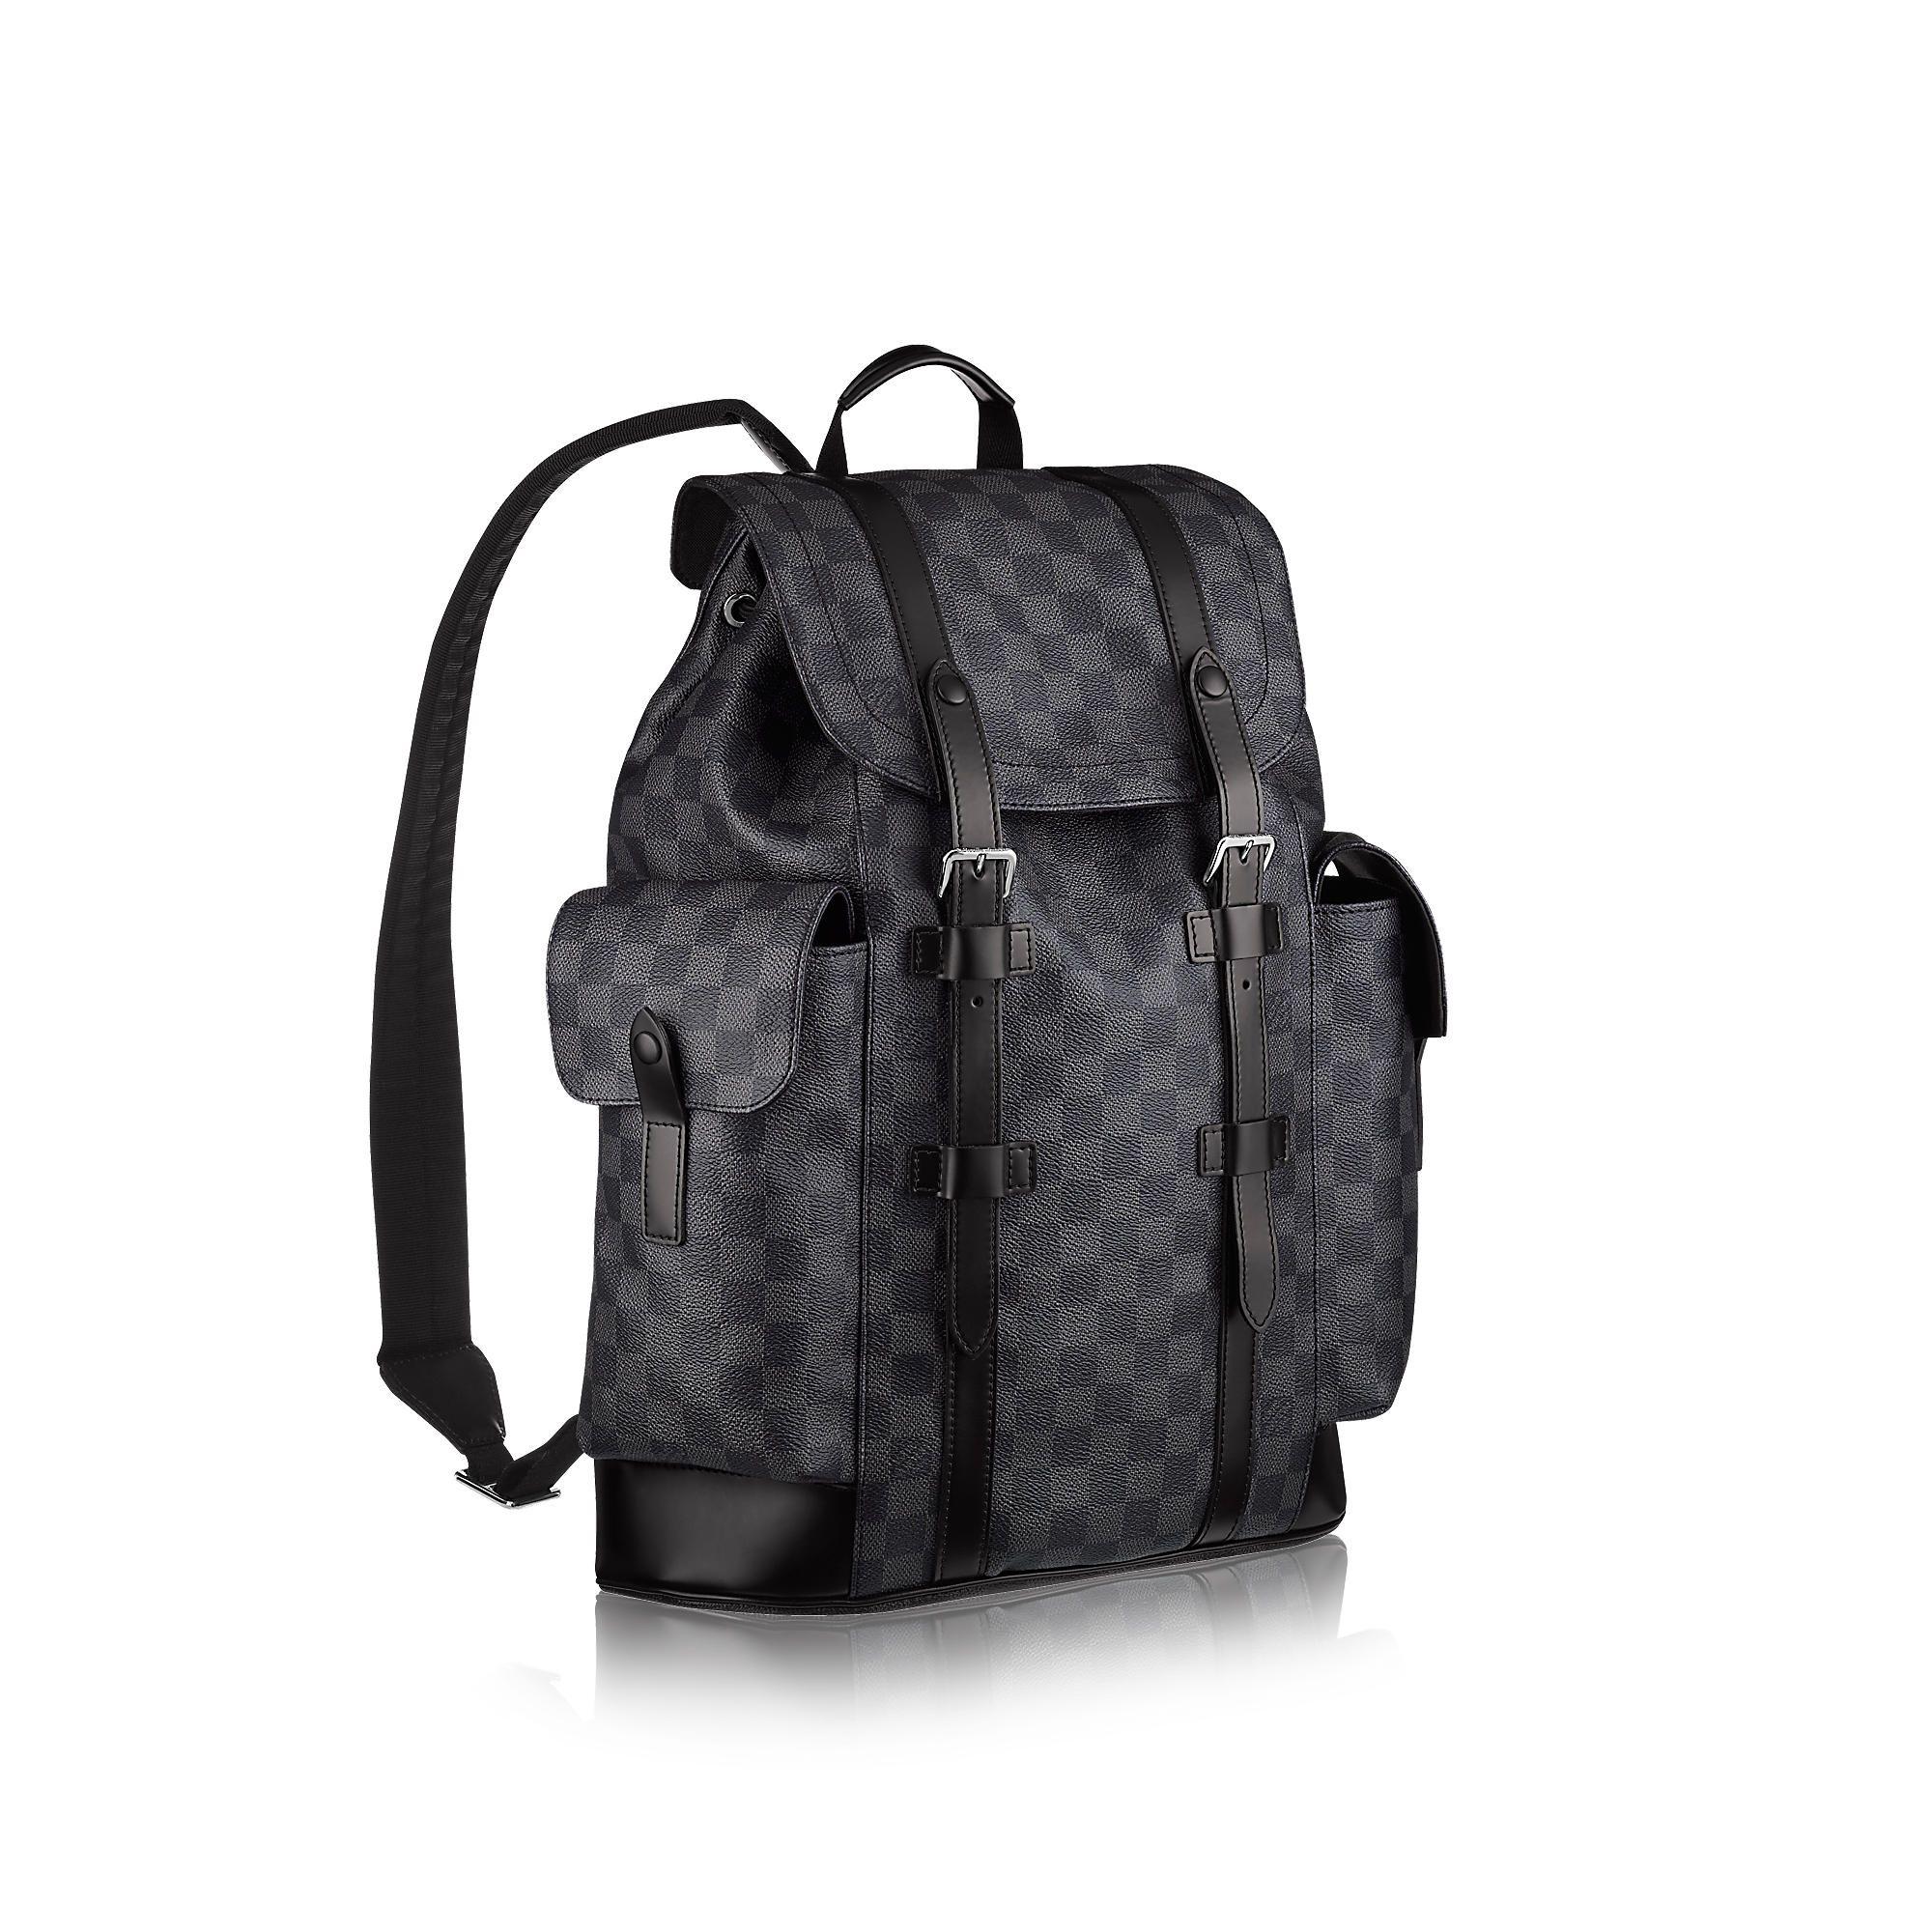 2d4711926810 Discover Louis Vuitton Christopher PM via Louis Vuitton